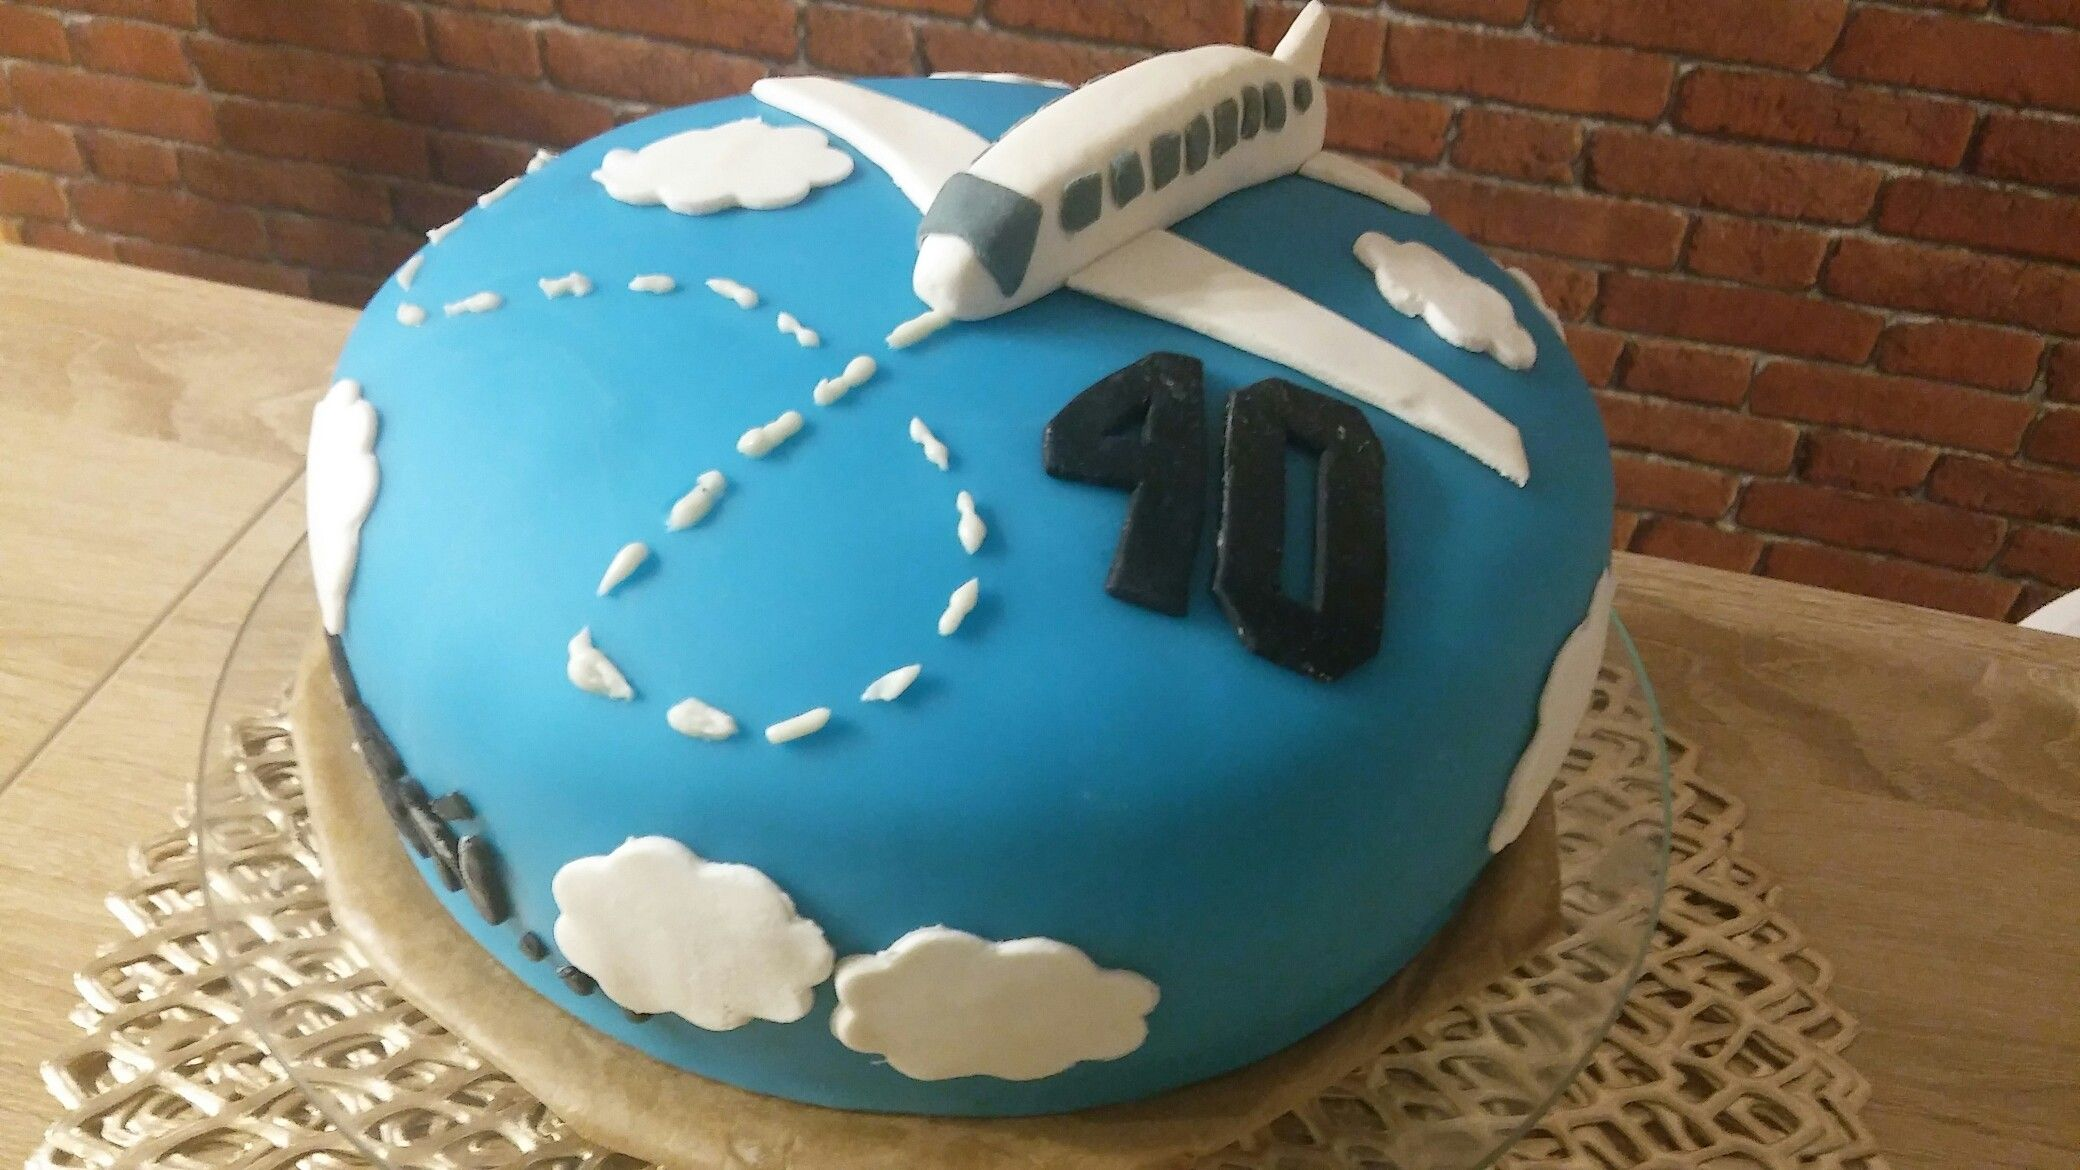 Tort Na 40 Urodziny Dla Podroznika Tort 40 Urodziny Ciasta